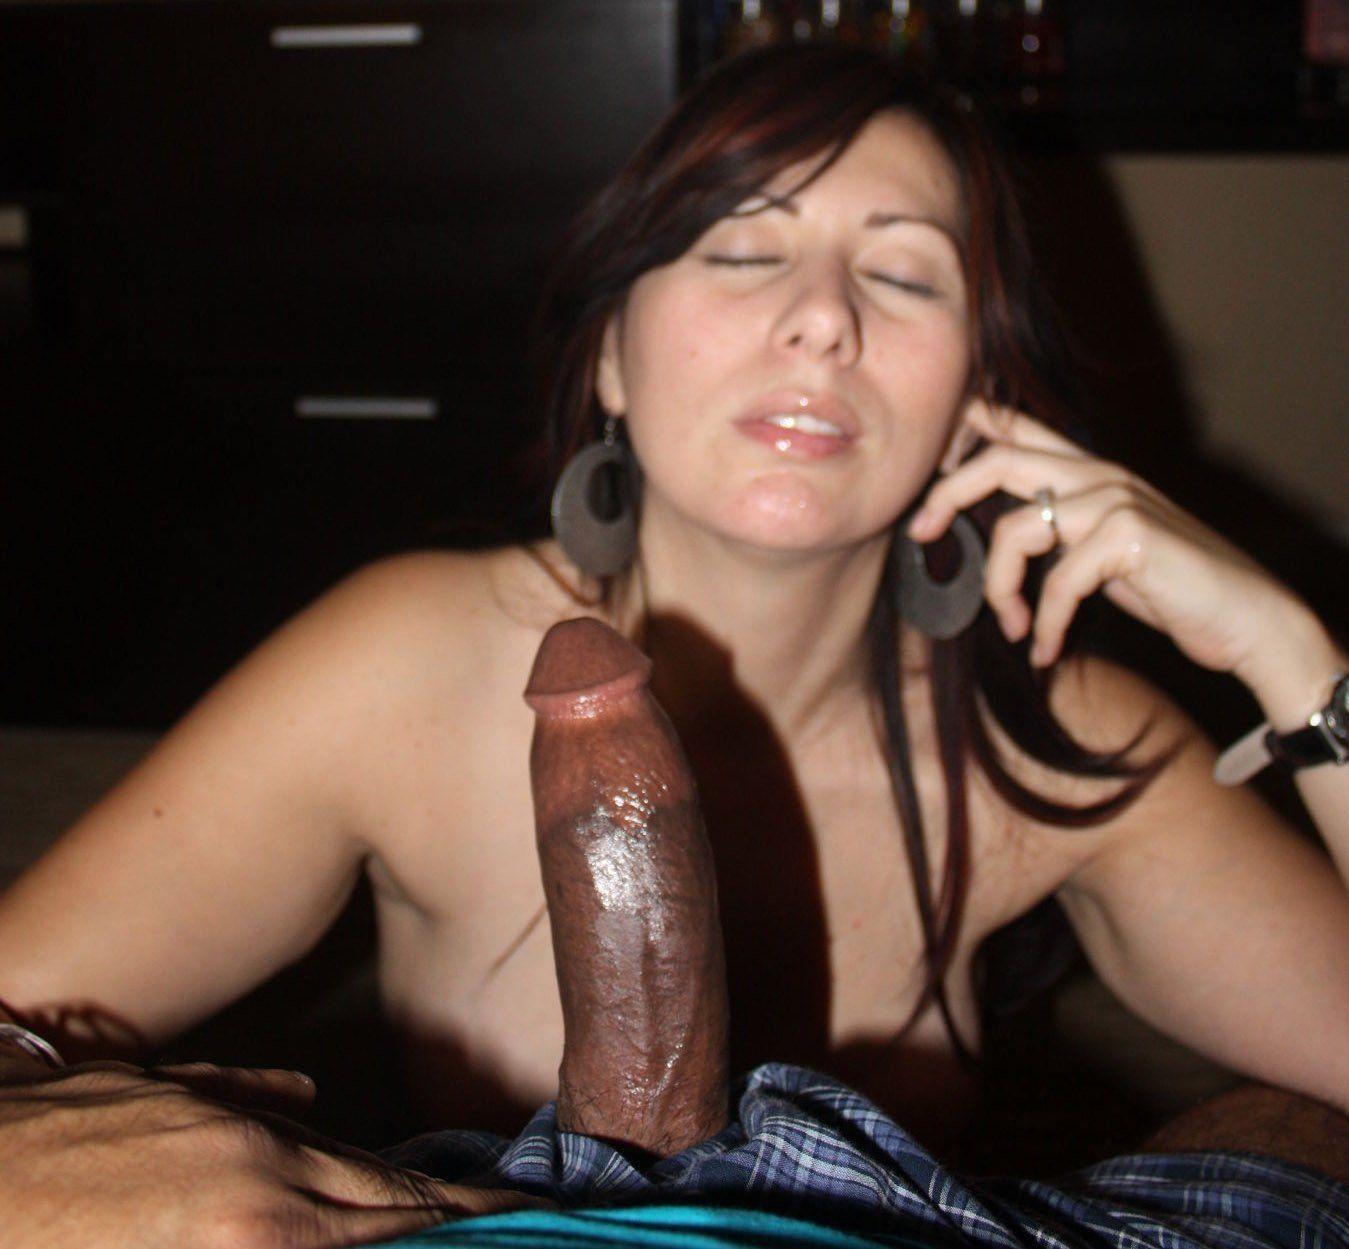 Black wife vids wants dick